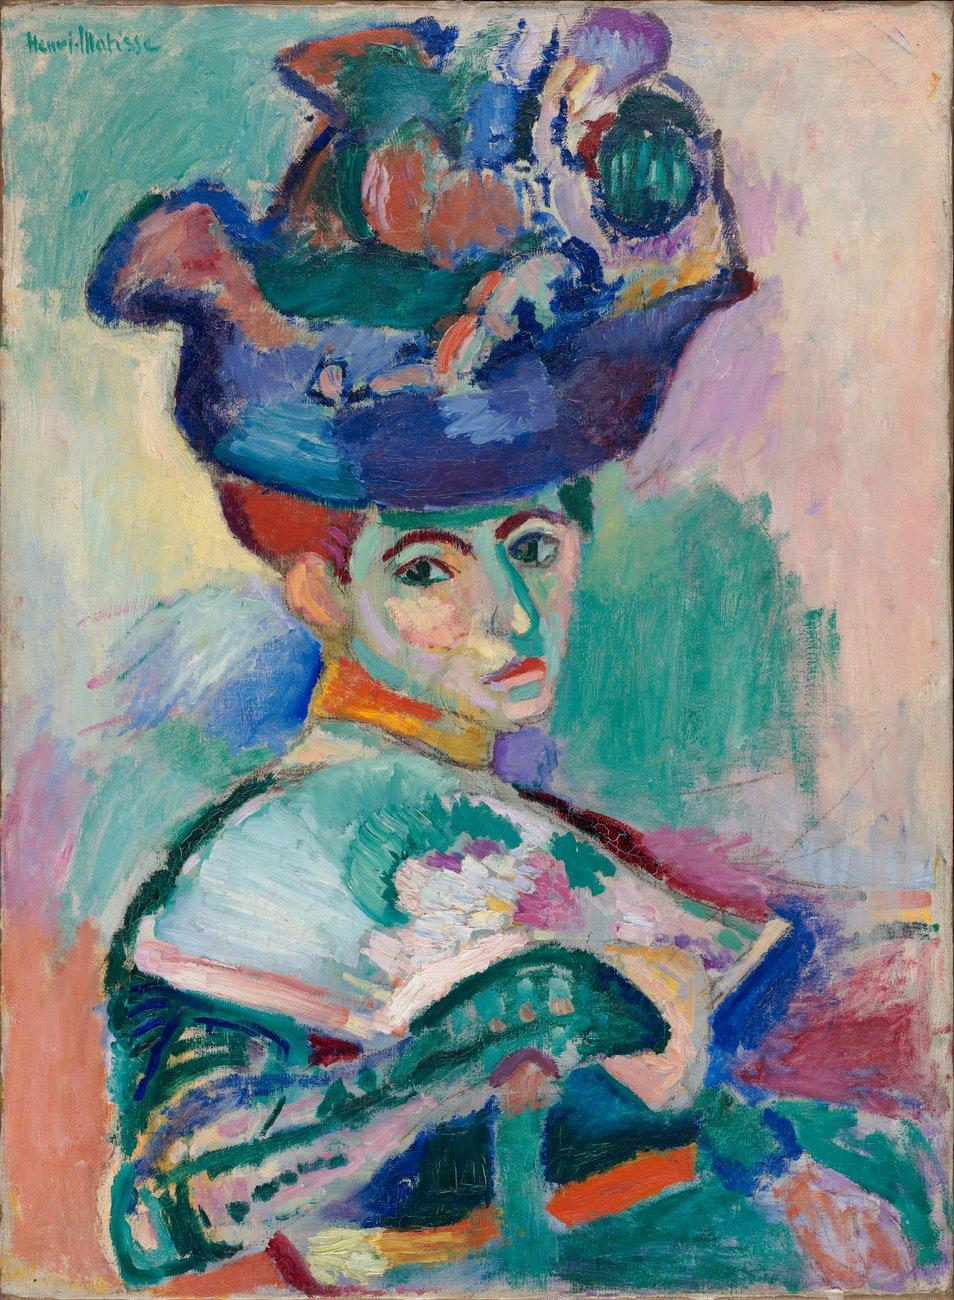 Artwork image, Henri Matisse's Femme au Chapeau